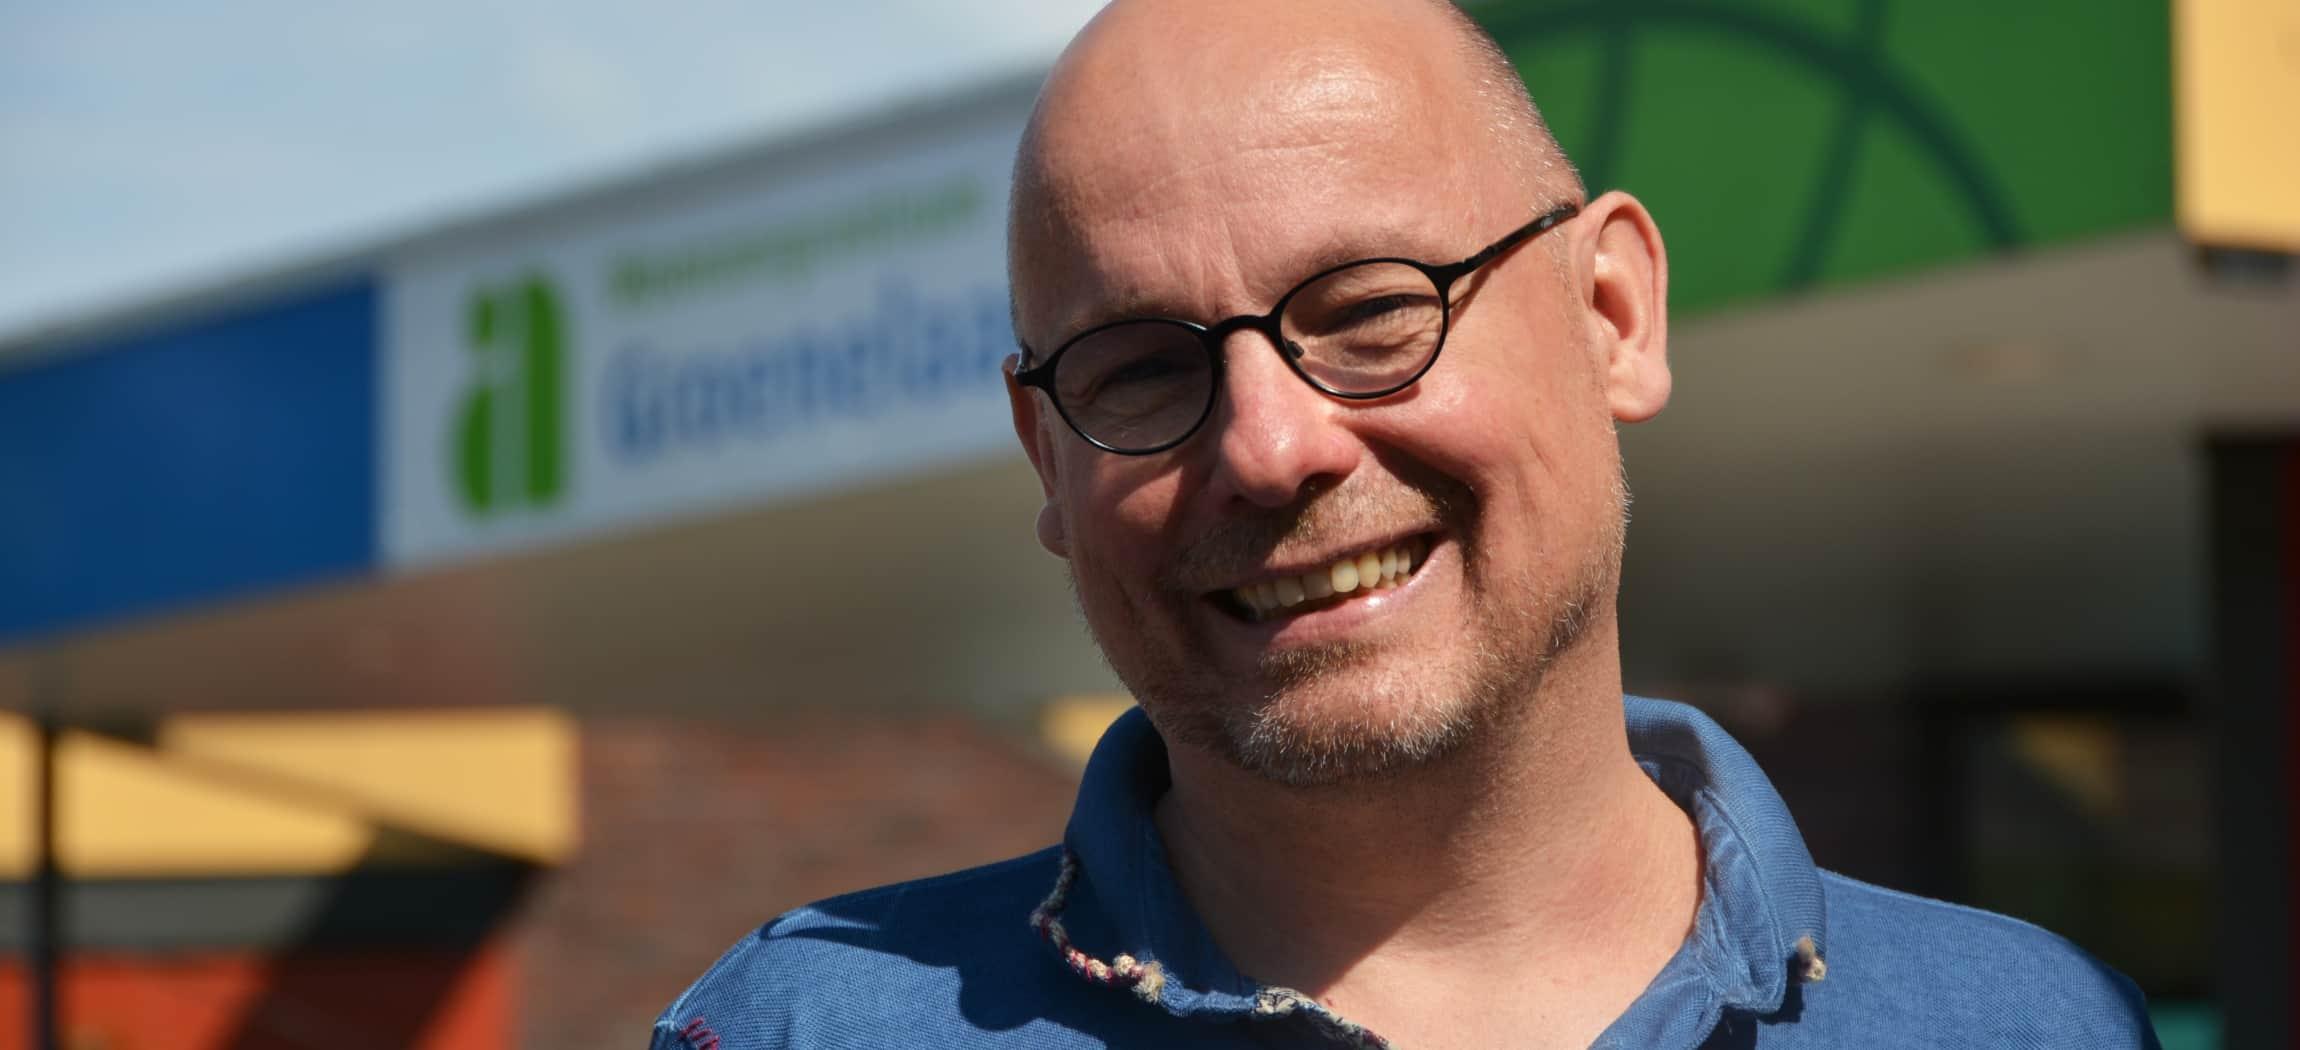 Eric de Rooij staat voor Amstelring locatie Groenelaan